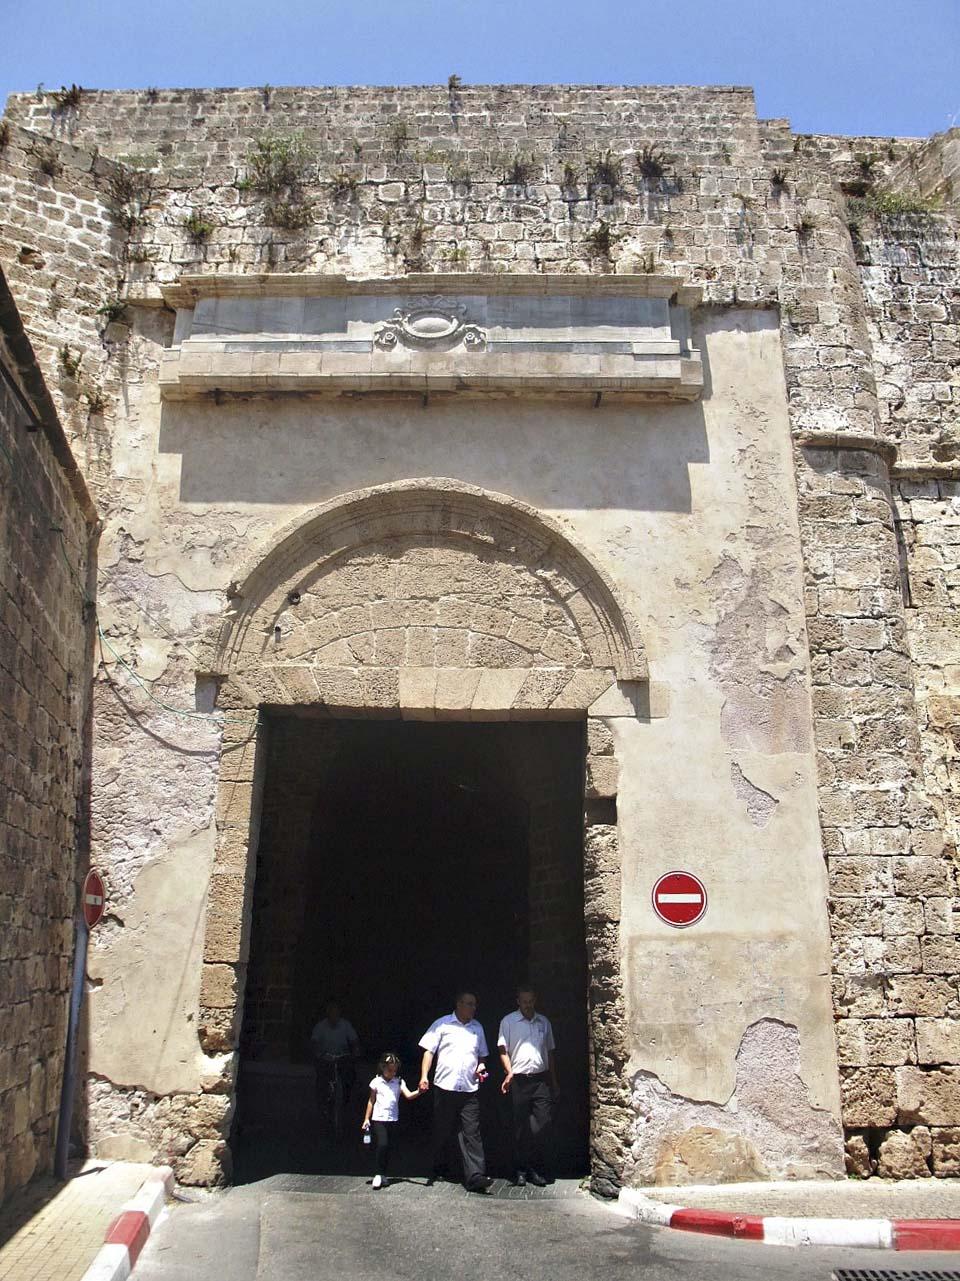 Ворота суши- одни из двух оригинальных ворот турецкой крепостной стены.Фото: Леон Левитас